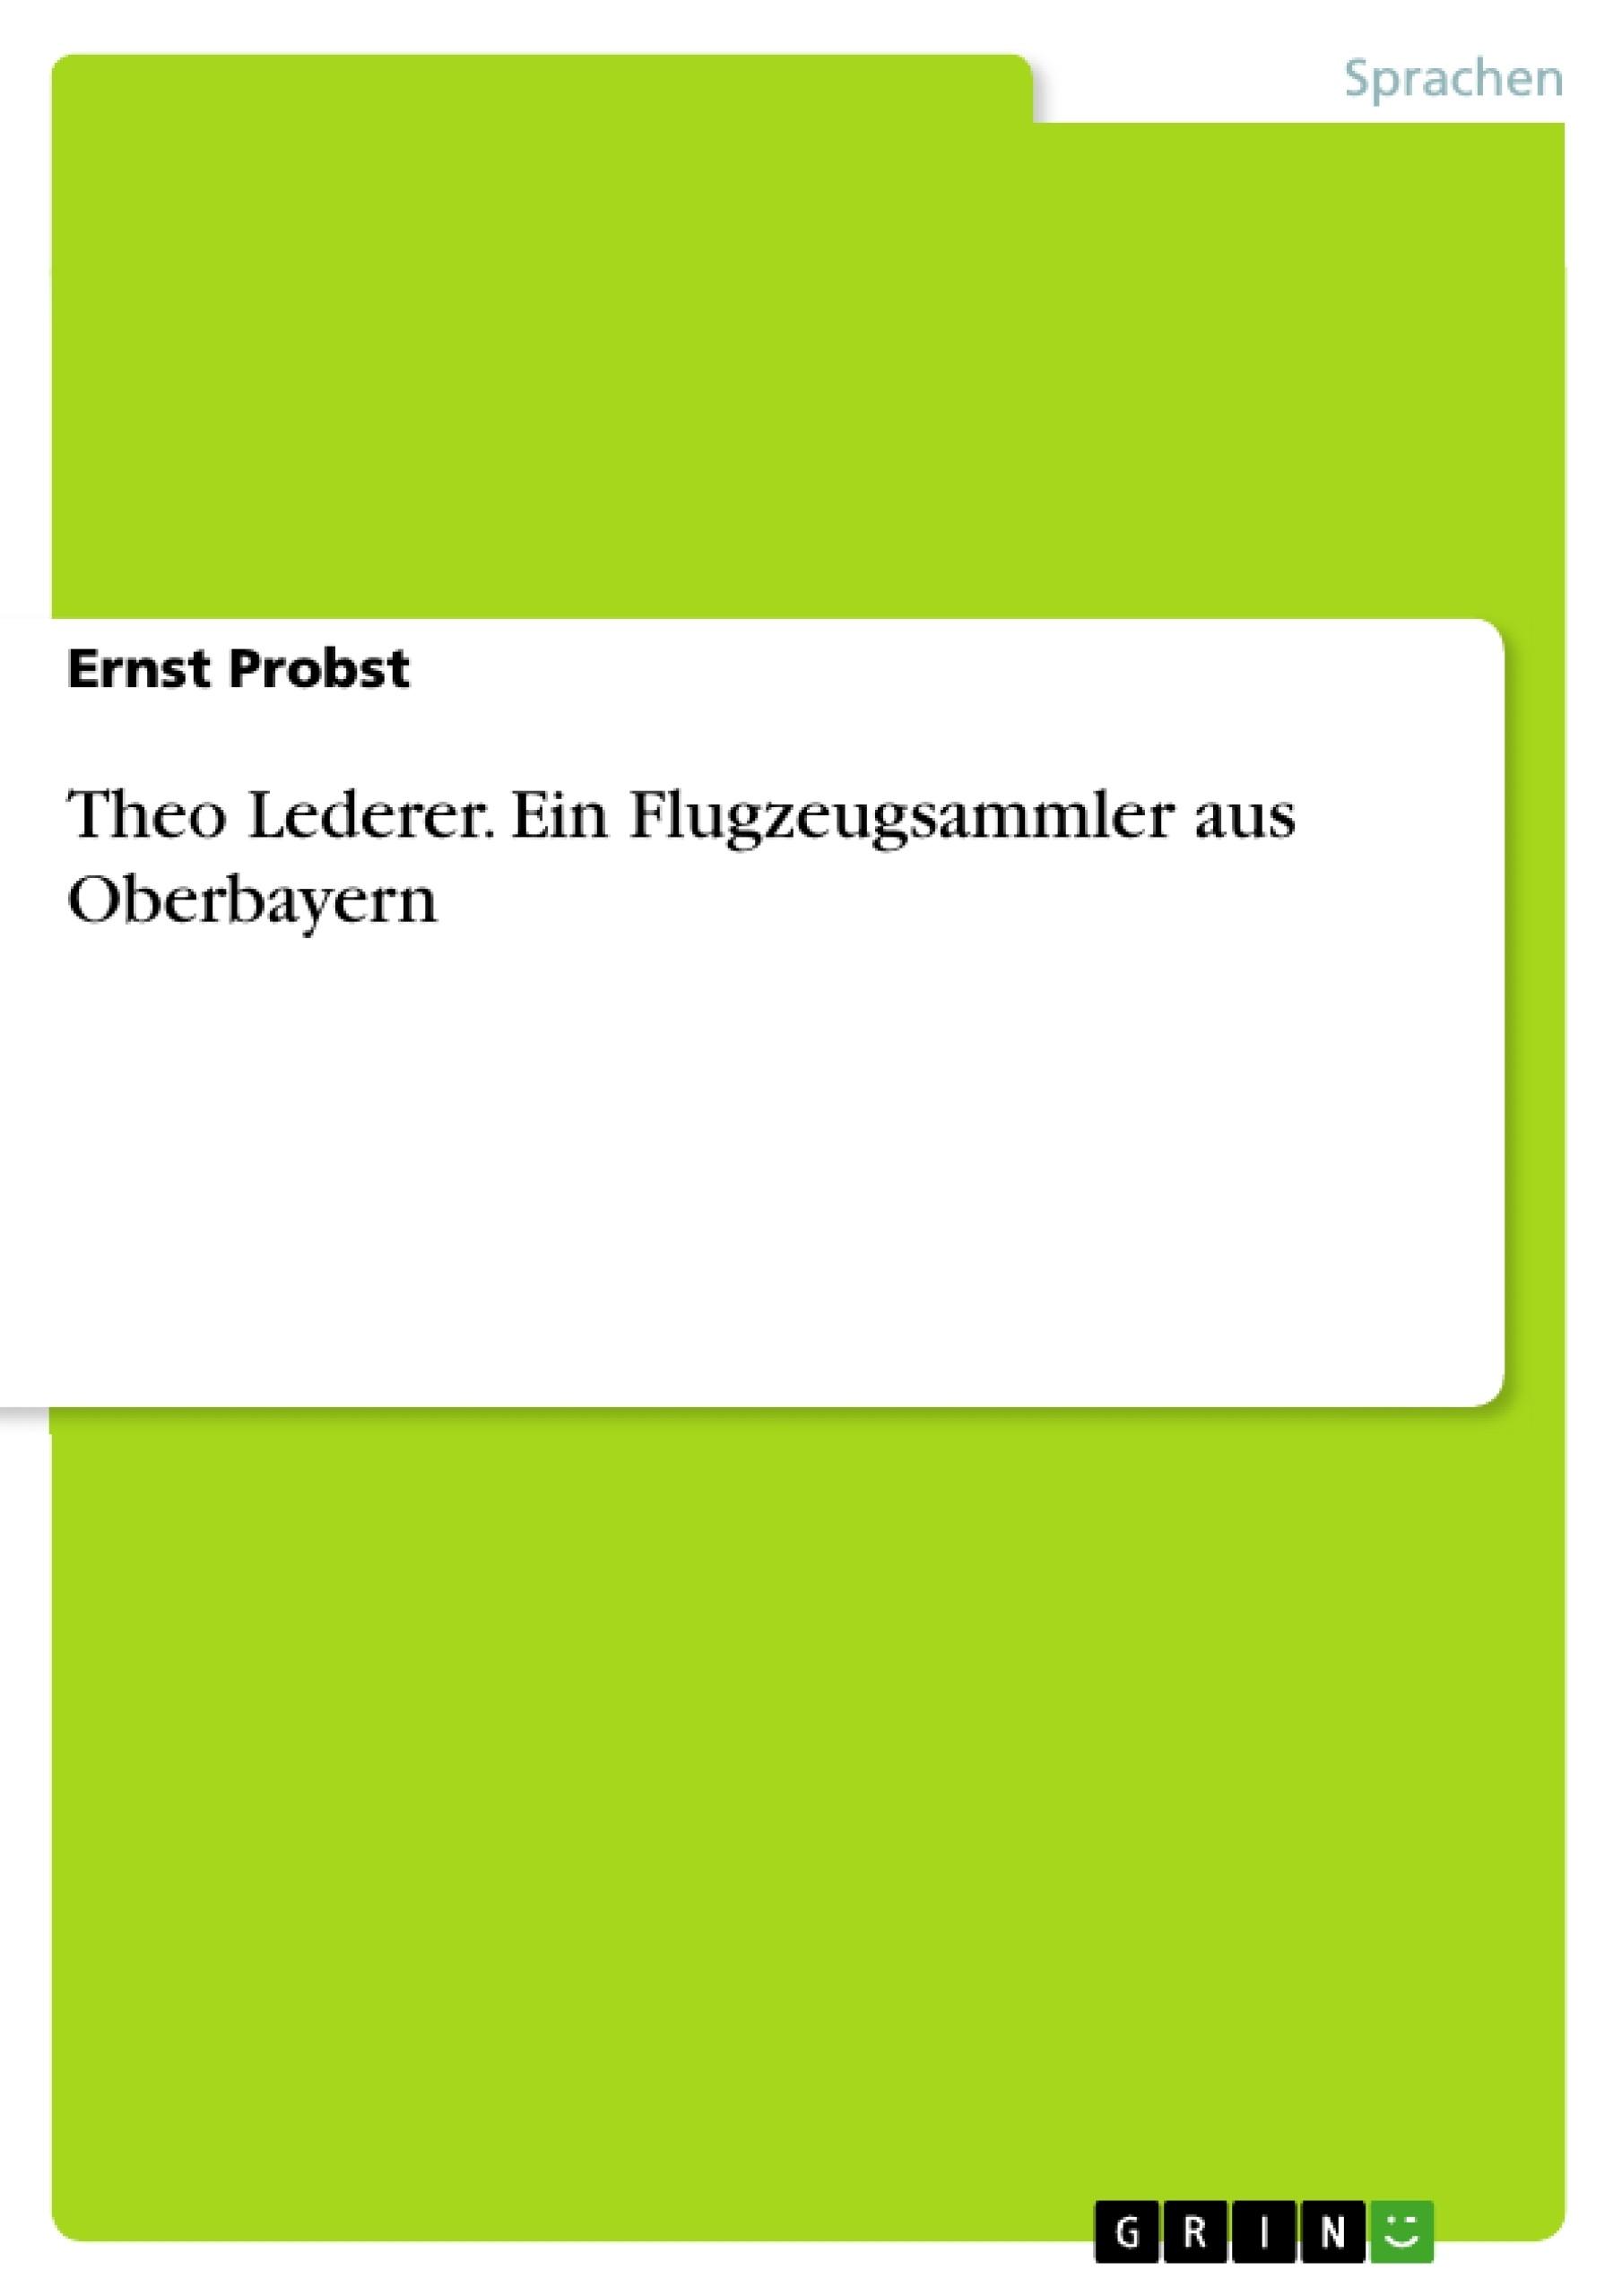 Titel: Theo Lederer. Ein Flugzeugsammler aus Oberbayern